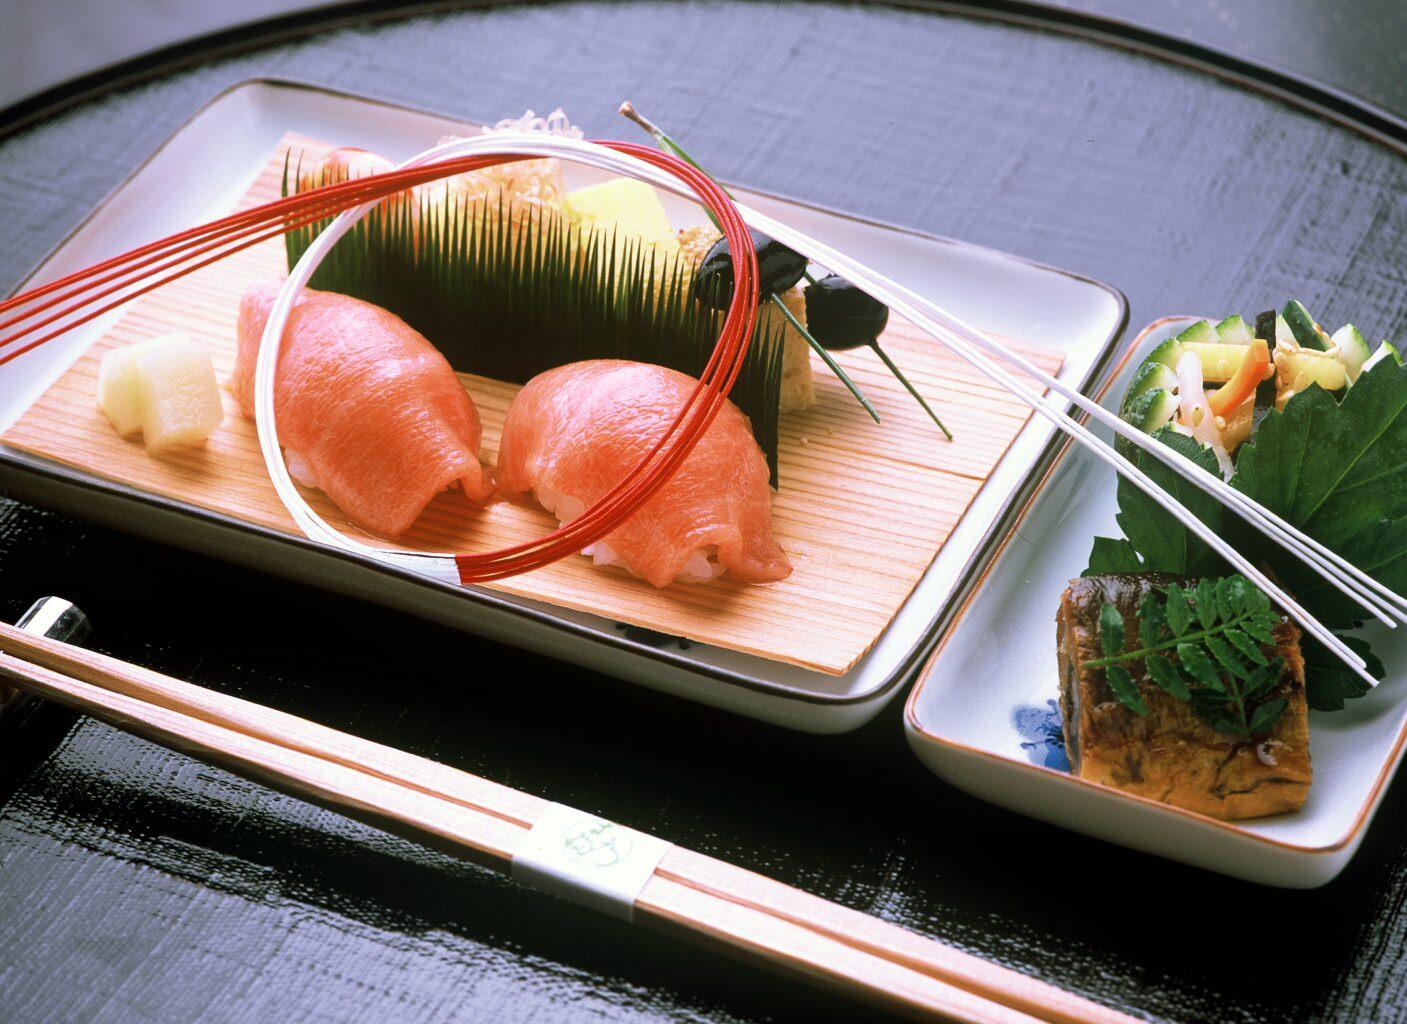 料理旅館天ぷら吉川のイメージ画像002